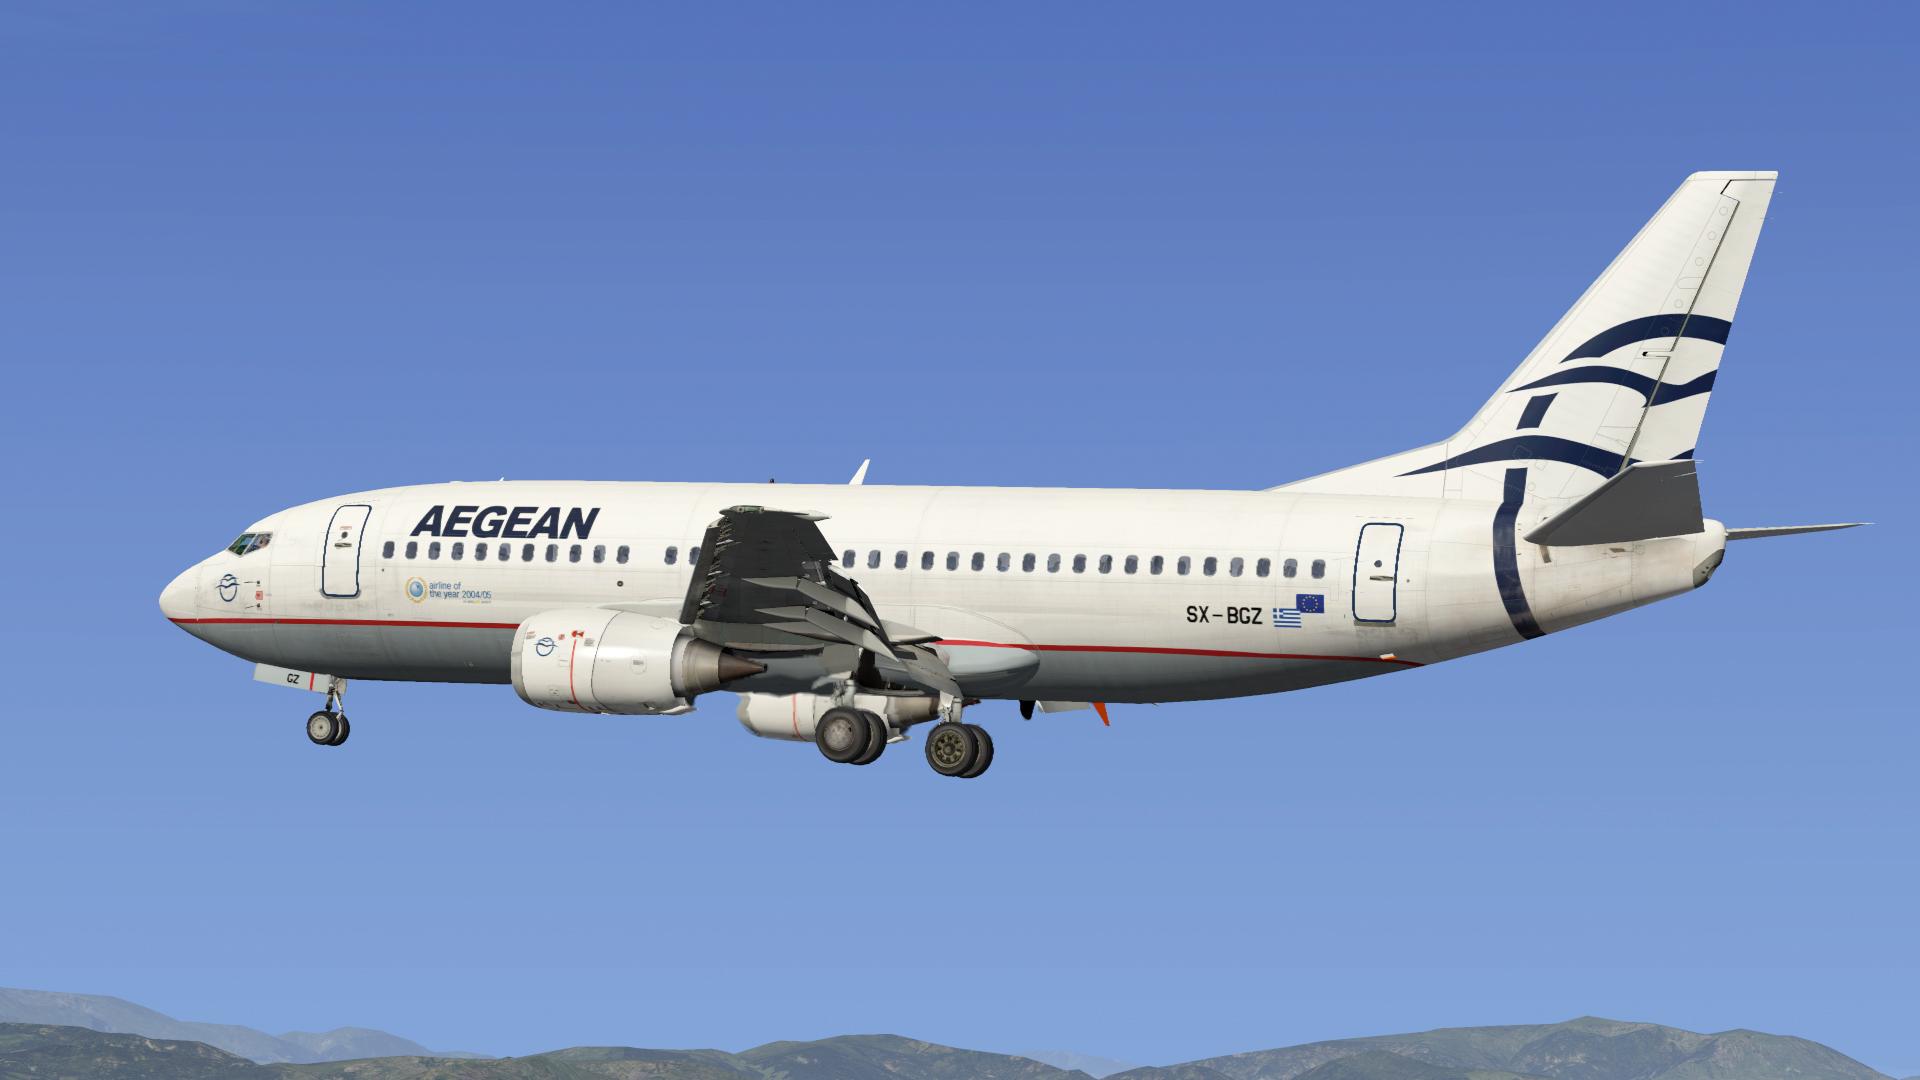 Aegean Airlines 737-SX_BGZ, IXEG 737 Classic - Aircraft